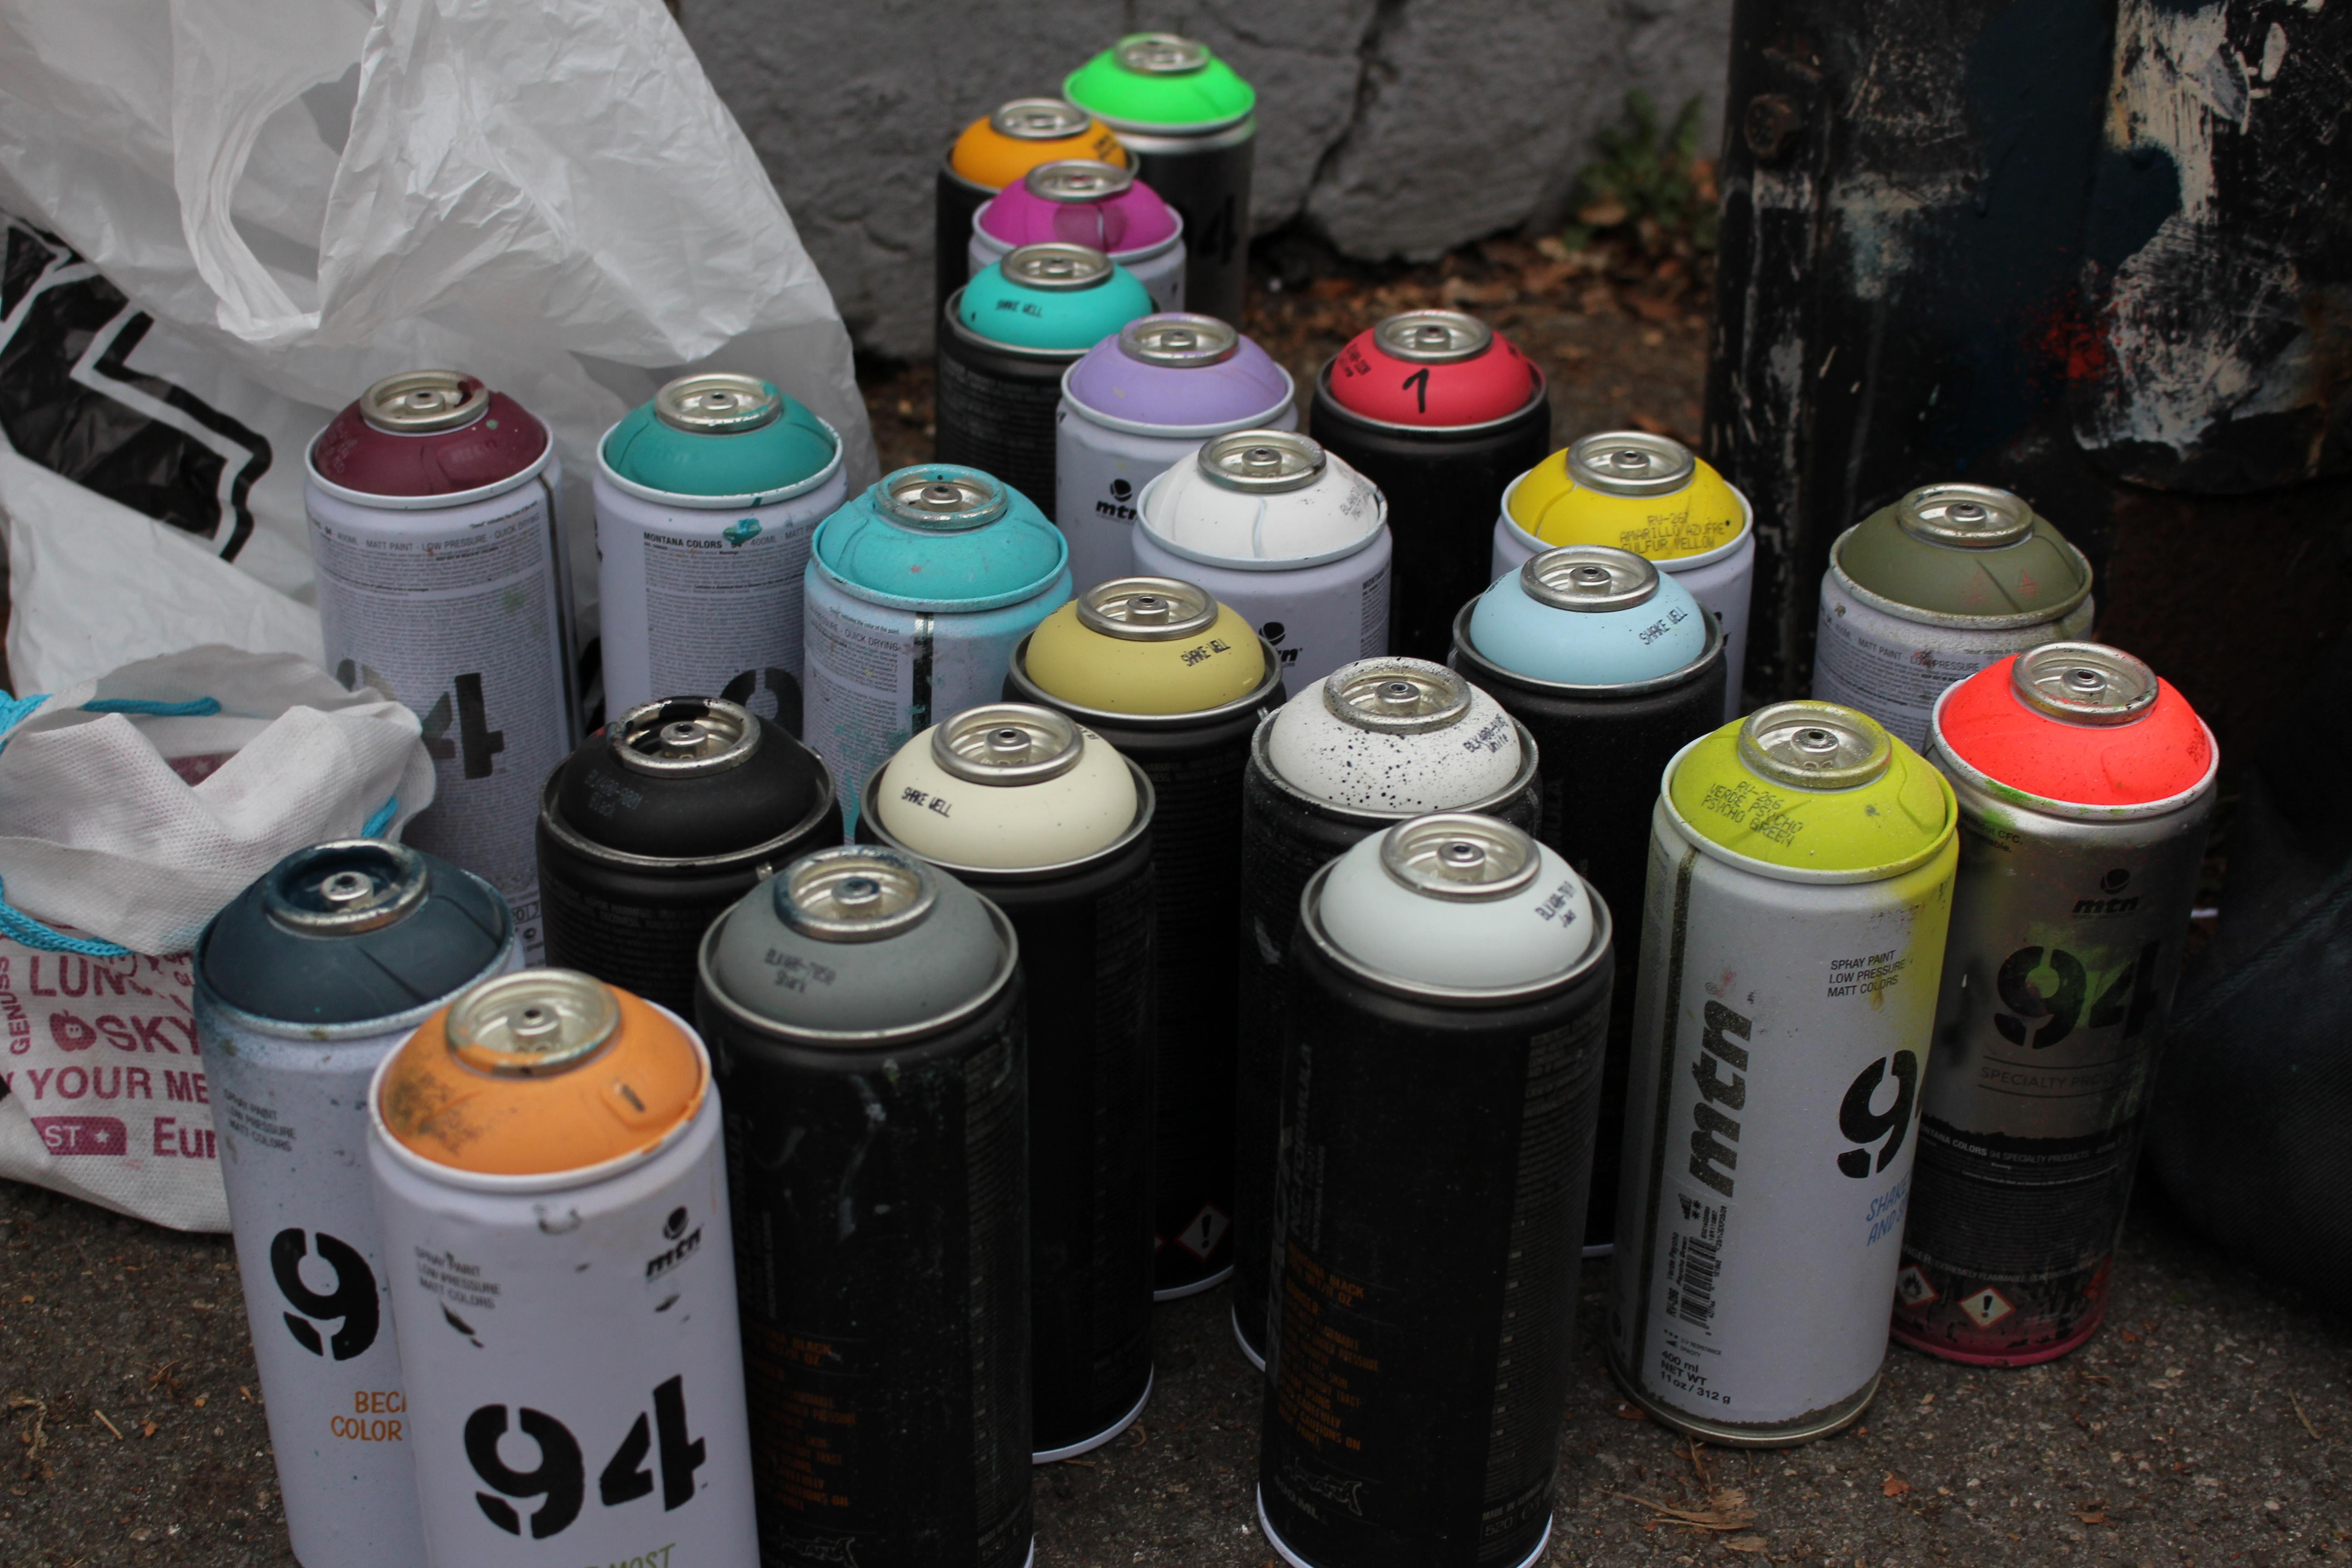 ulicna umjetnost